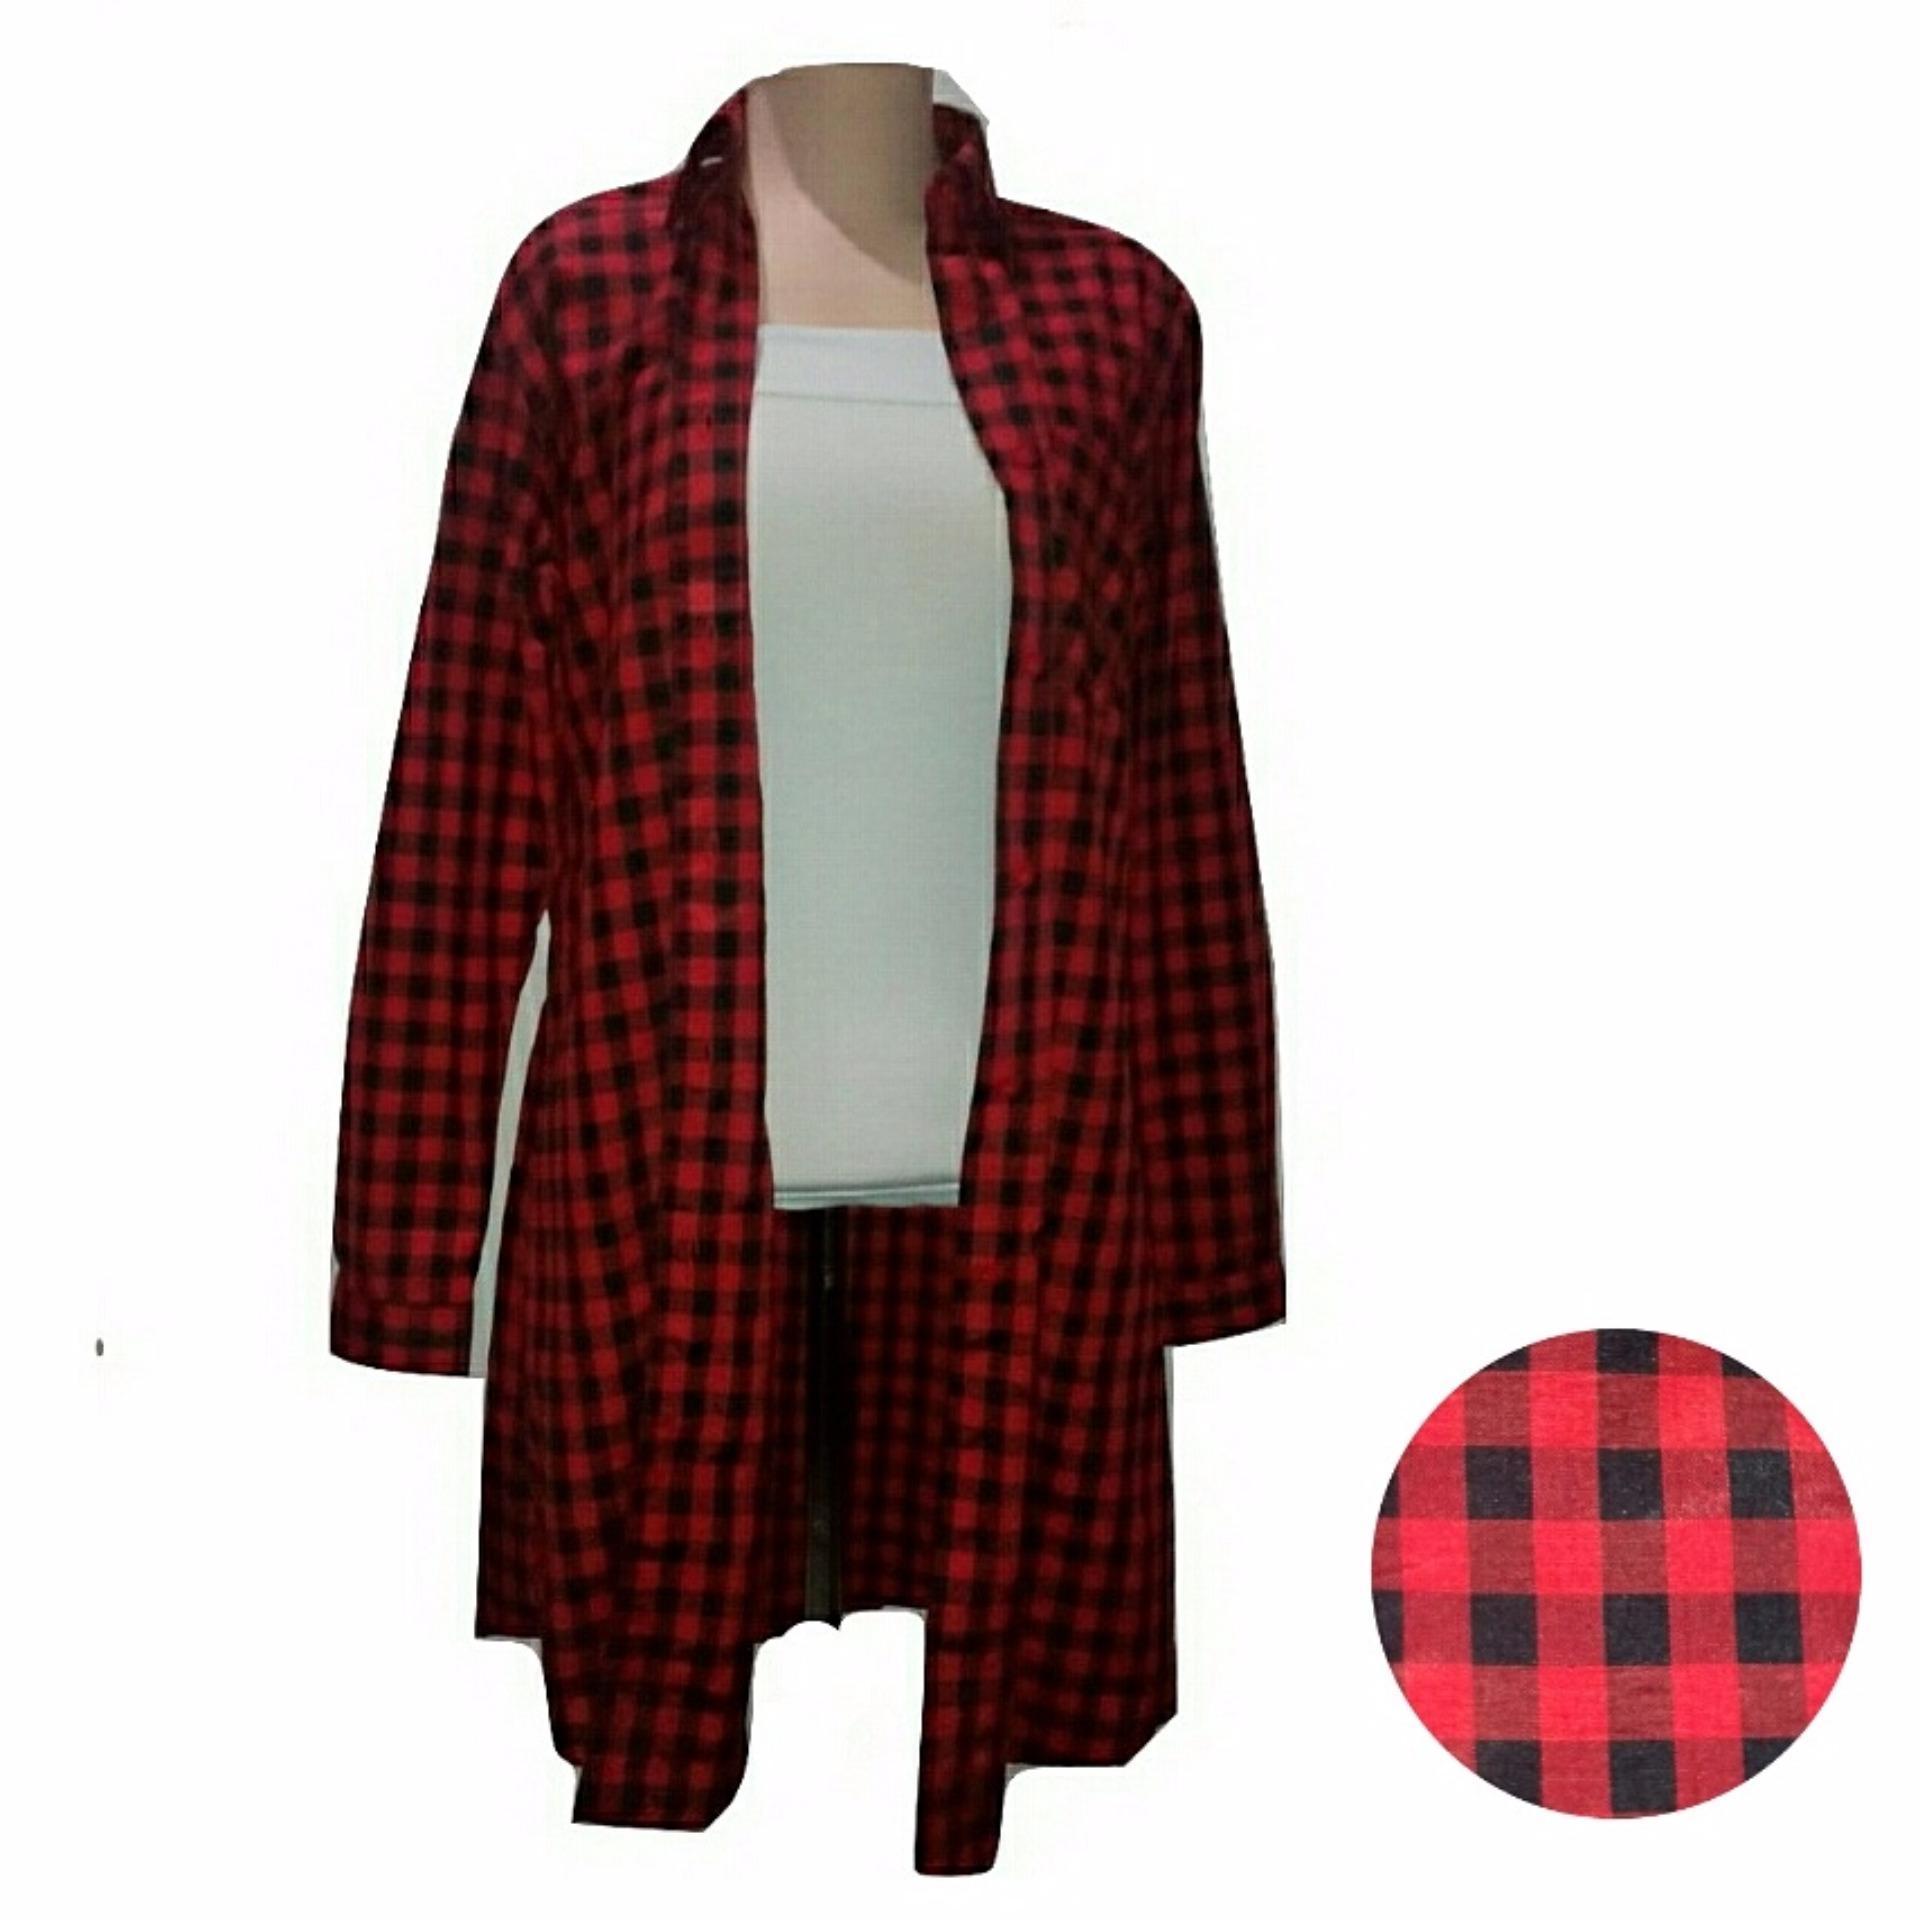 Harga Bratajaya Arty Tartan Long Shirt Kemeja Panjang Baju Wanitatunik Wanita Kotak Kotak Merah Bratajaya Online